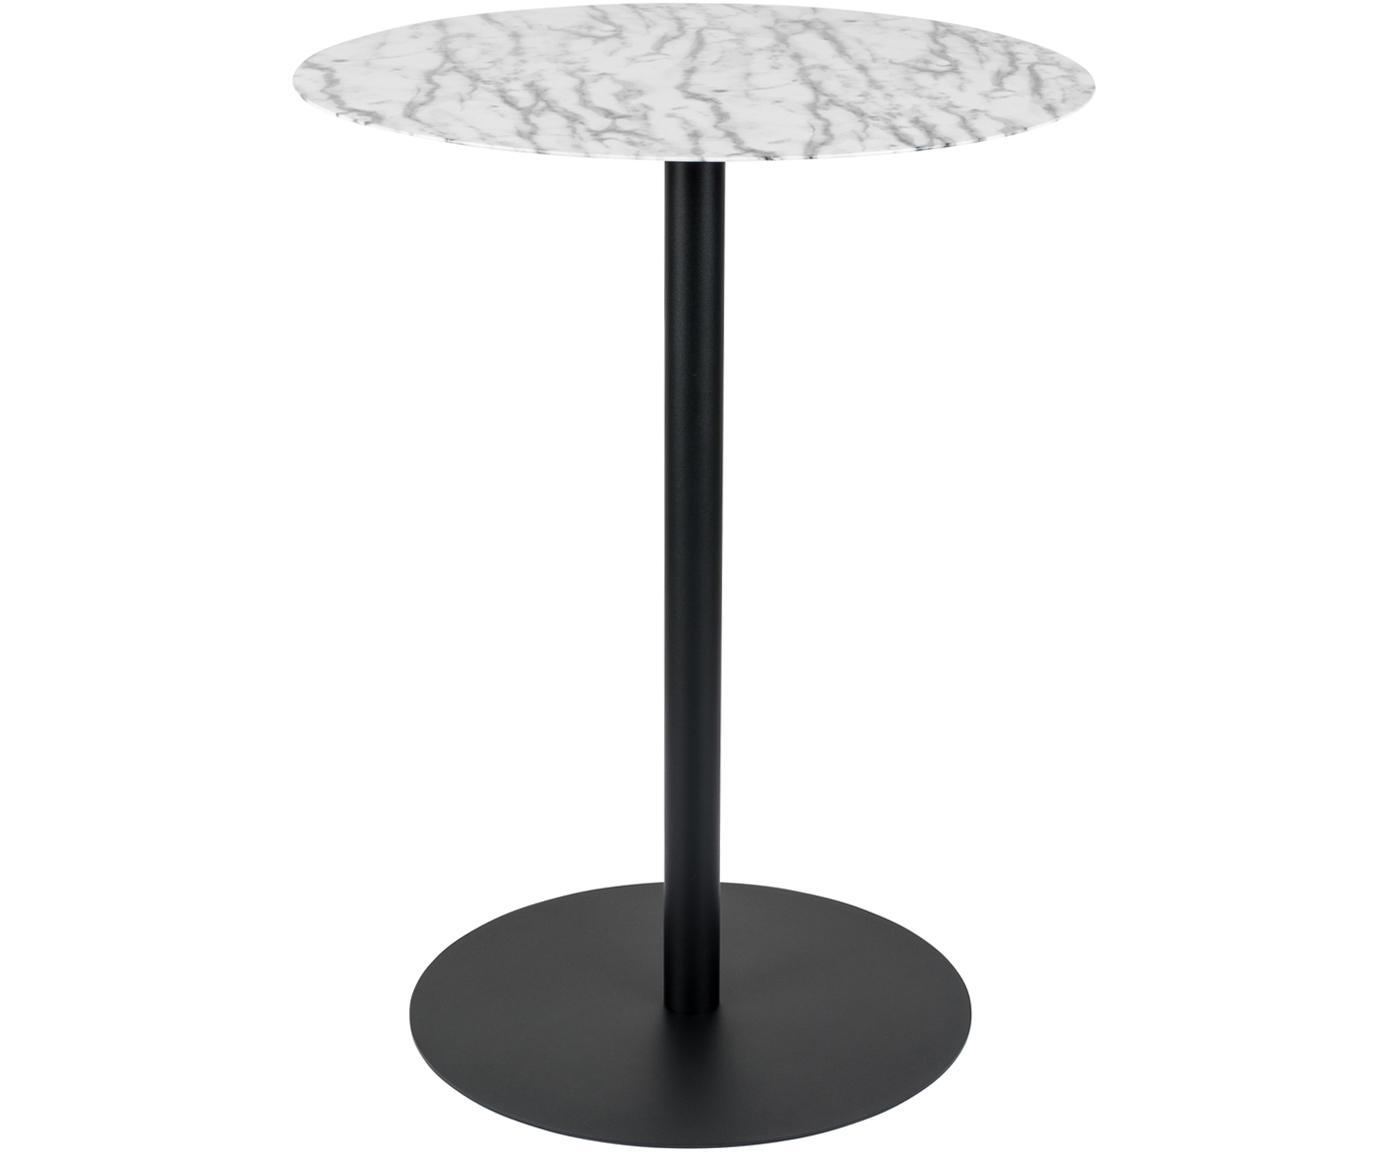 Mesa alta redondad de metal Snow, Tablero: metal, laminado, Estructura: metal con pintura en polv, Negro, blanco, Ø 57 x Al 75 cm